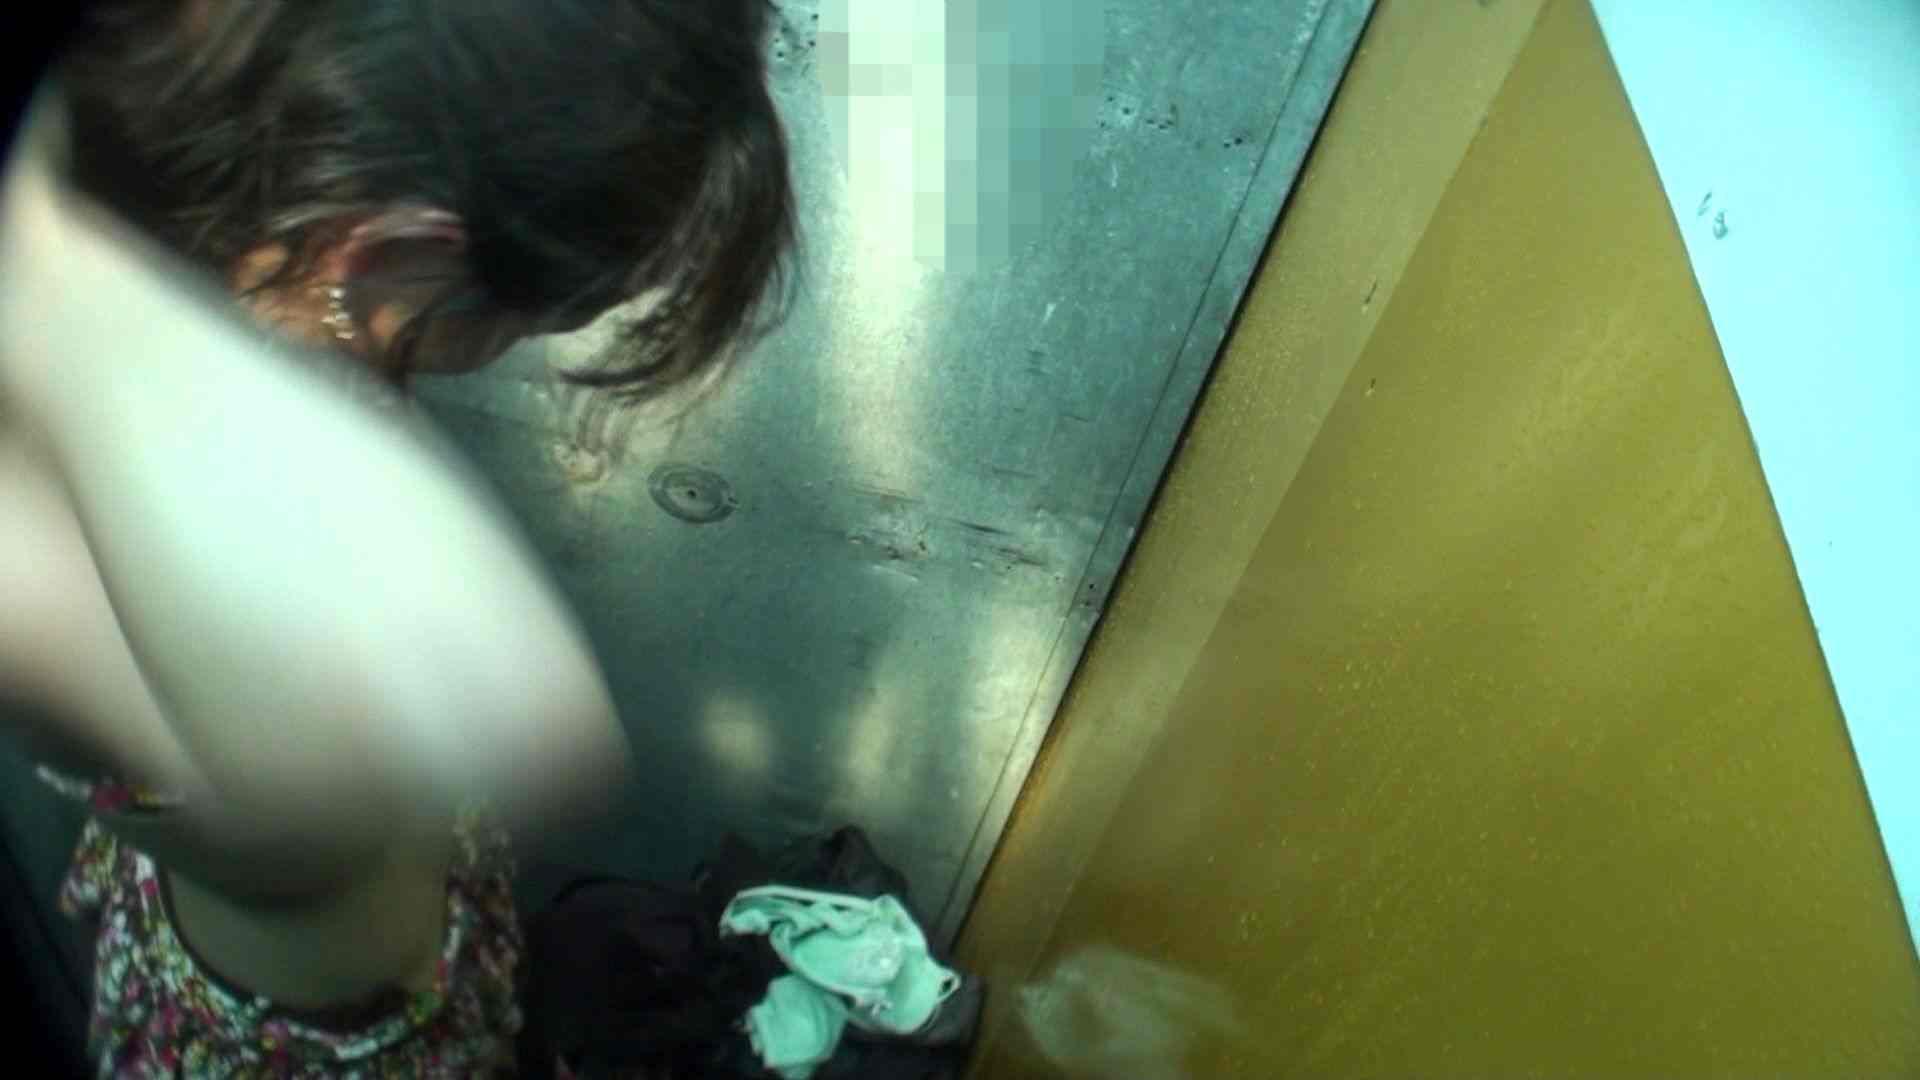 シャワールームは超!!危険な香りVol.16 意外に乳首は年増のそれ エロティックなOL   乳首  105画像 41